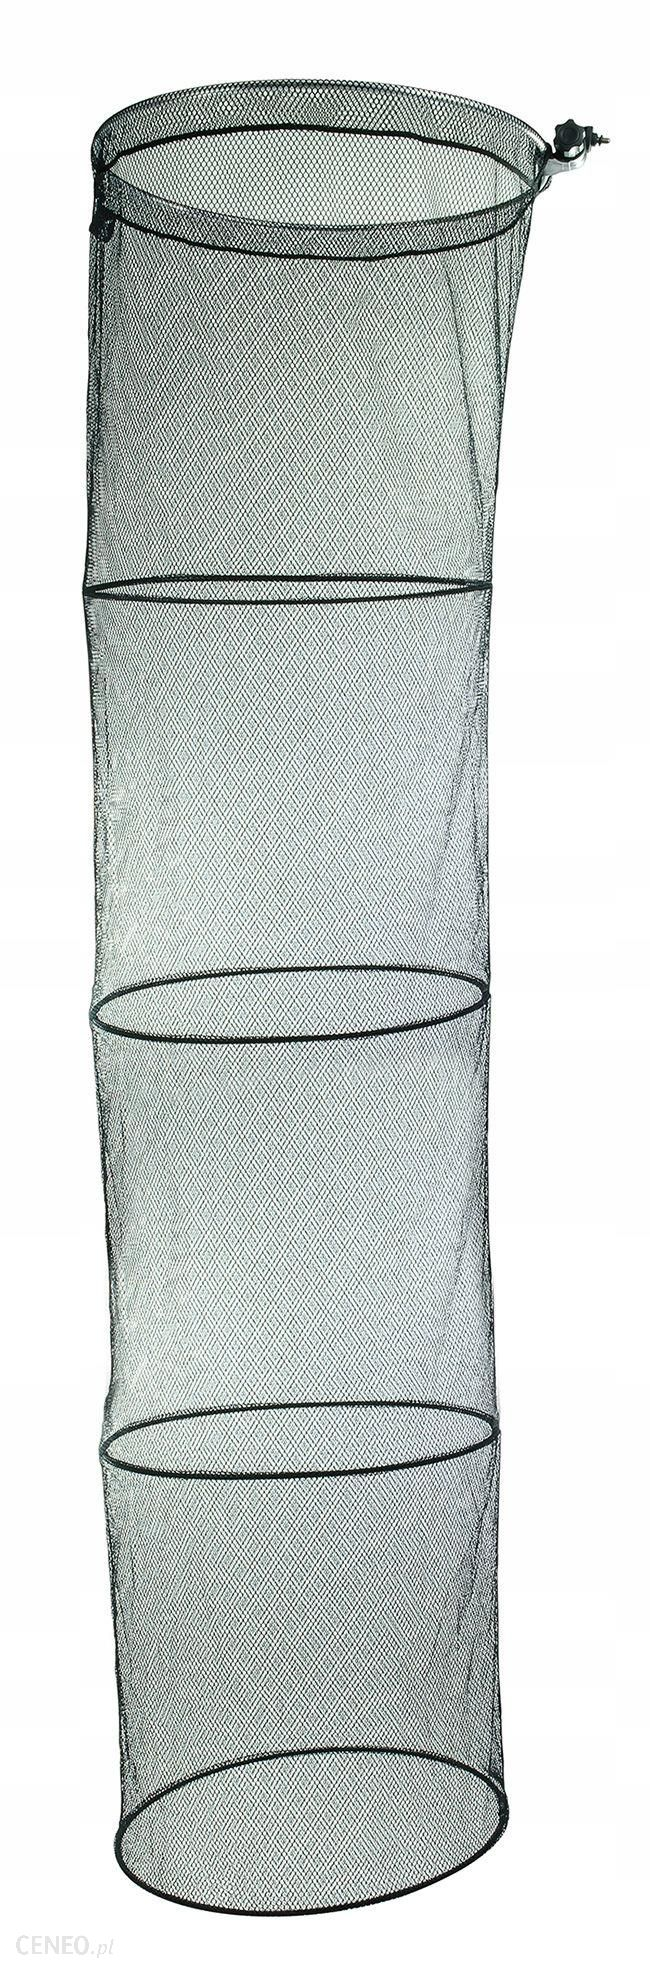 Mikado Siatka wyczynowa z uchwytem 55/50cm x 200cm